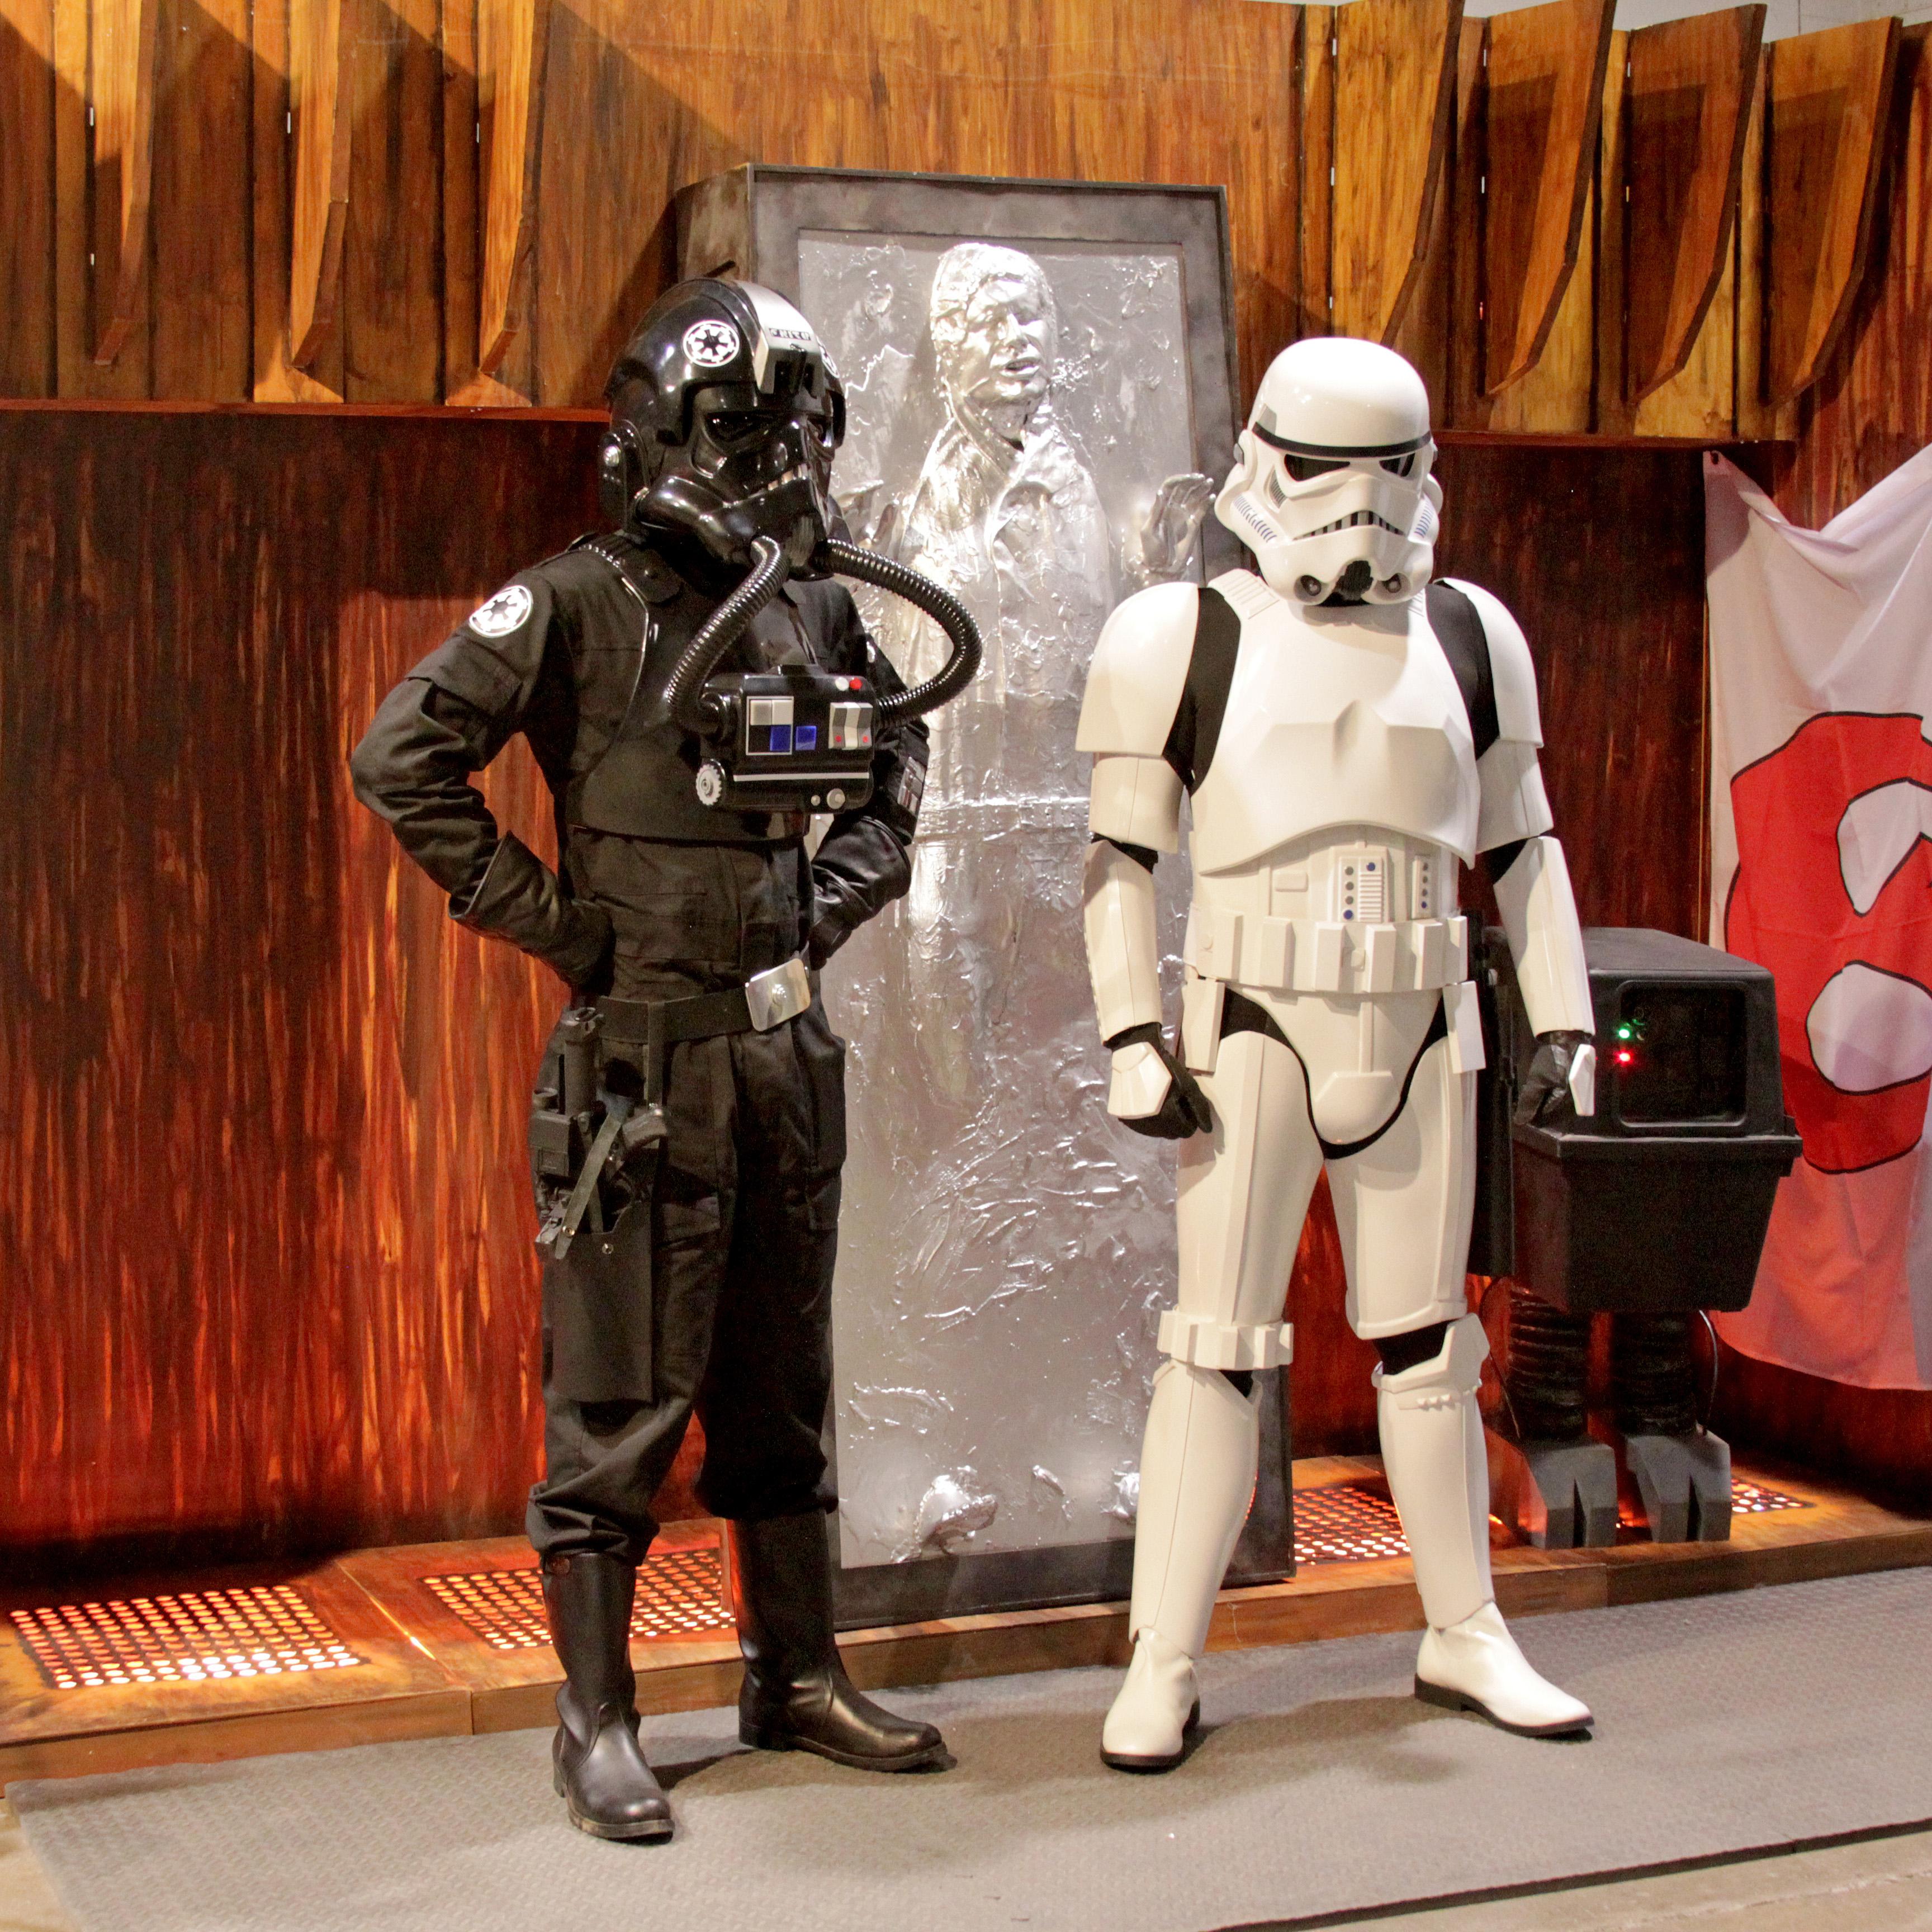 501st Legion - Auckland Armageddon Expo 2017